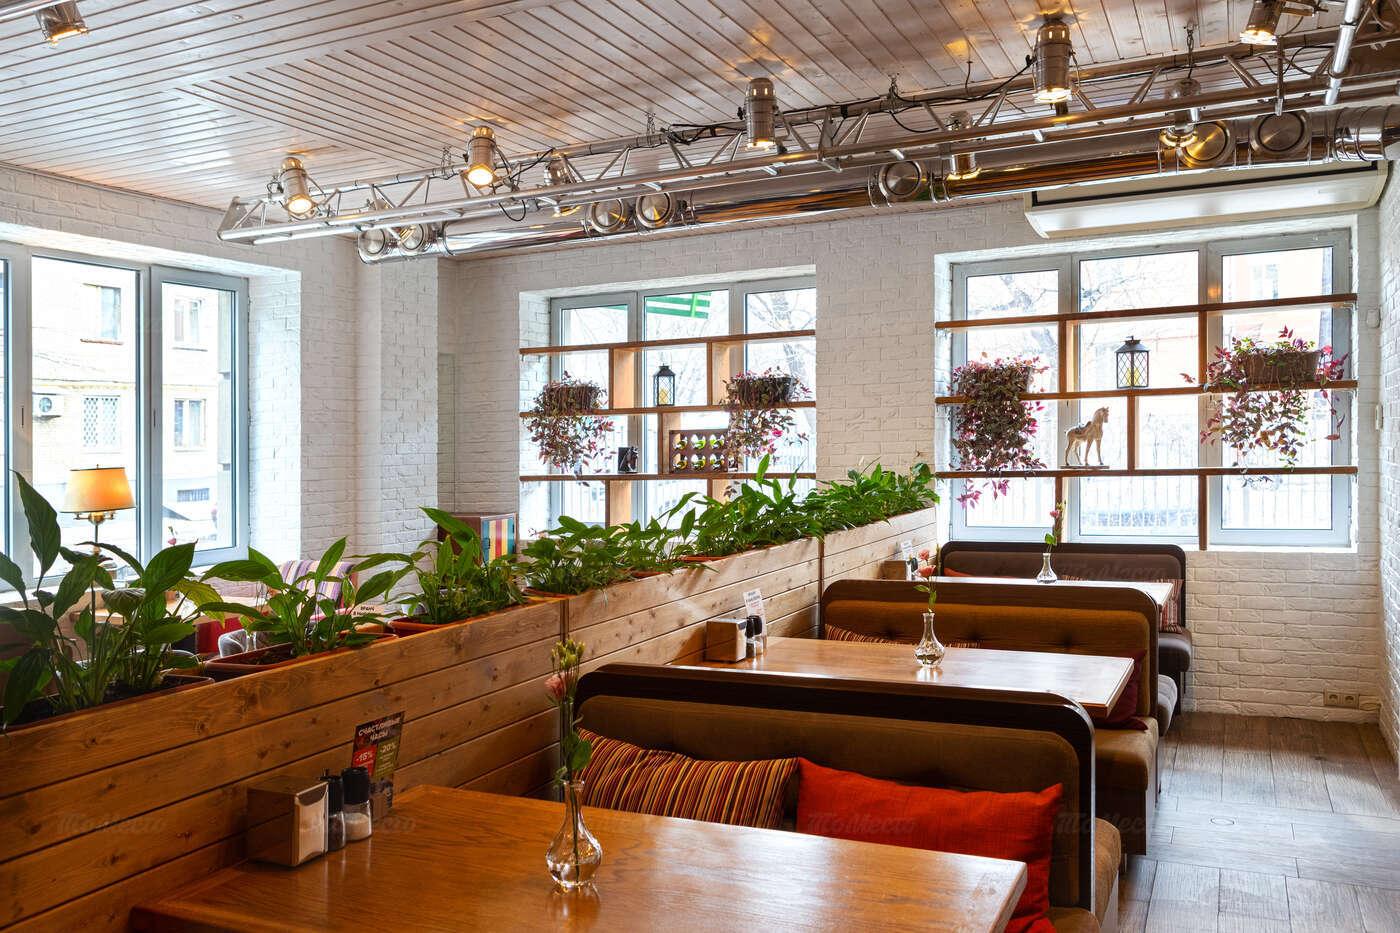 Банкеты ресторана Нью-Йорк пицца и гриль на Суворовской улице фото 12